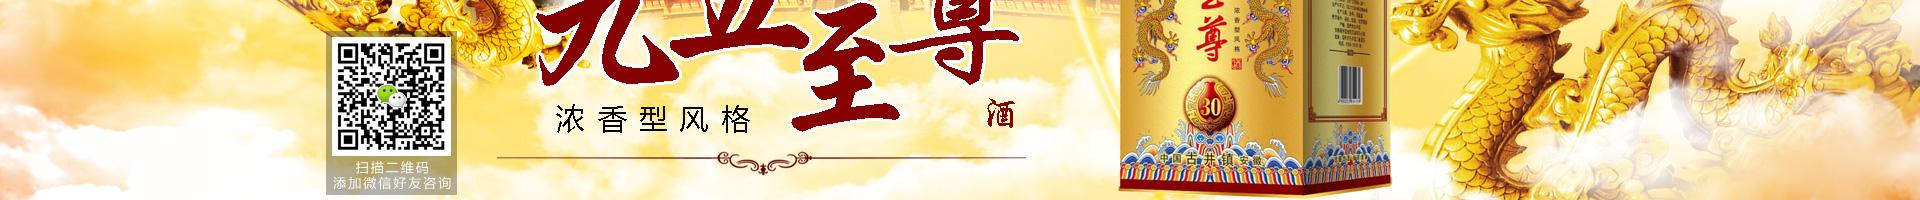 亳州市九酝春酒业有限责任公司